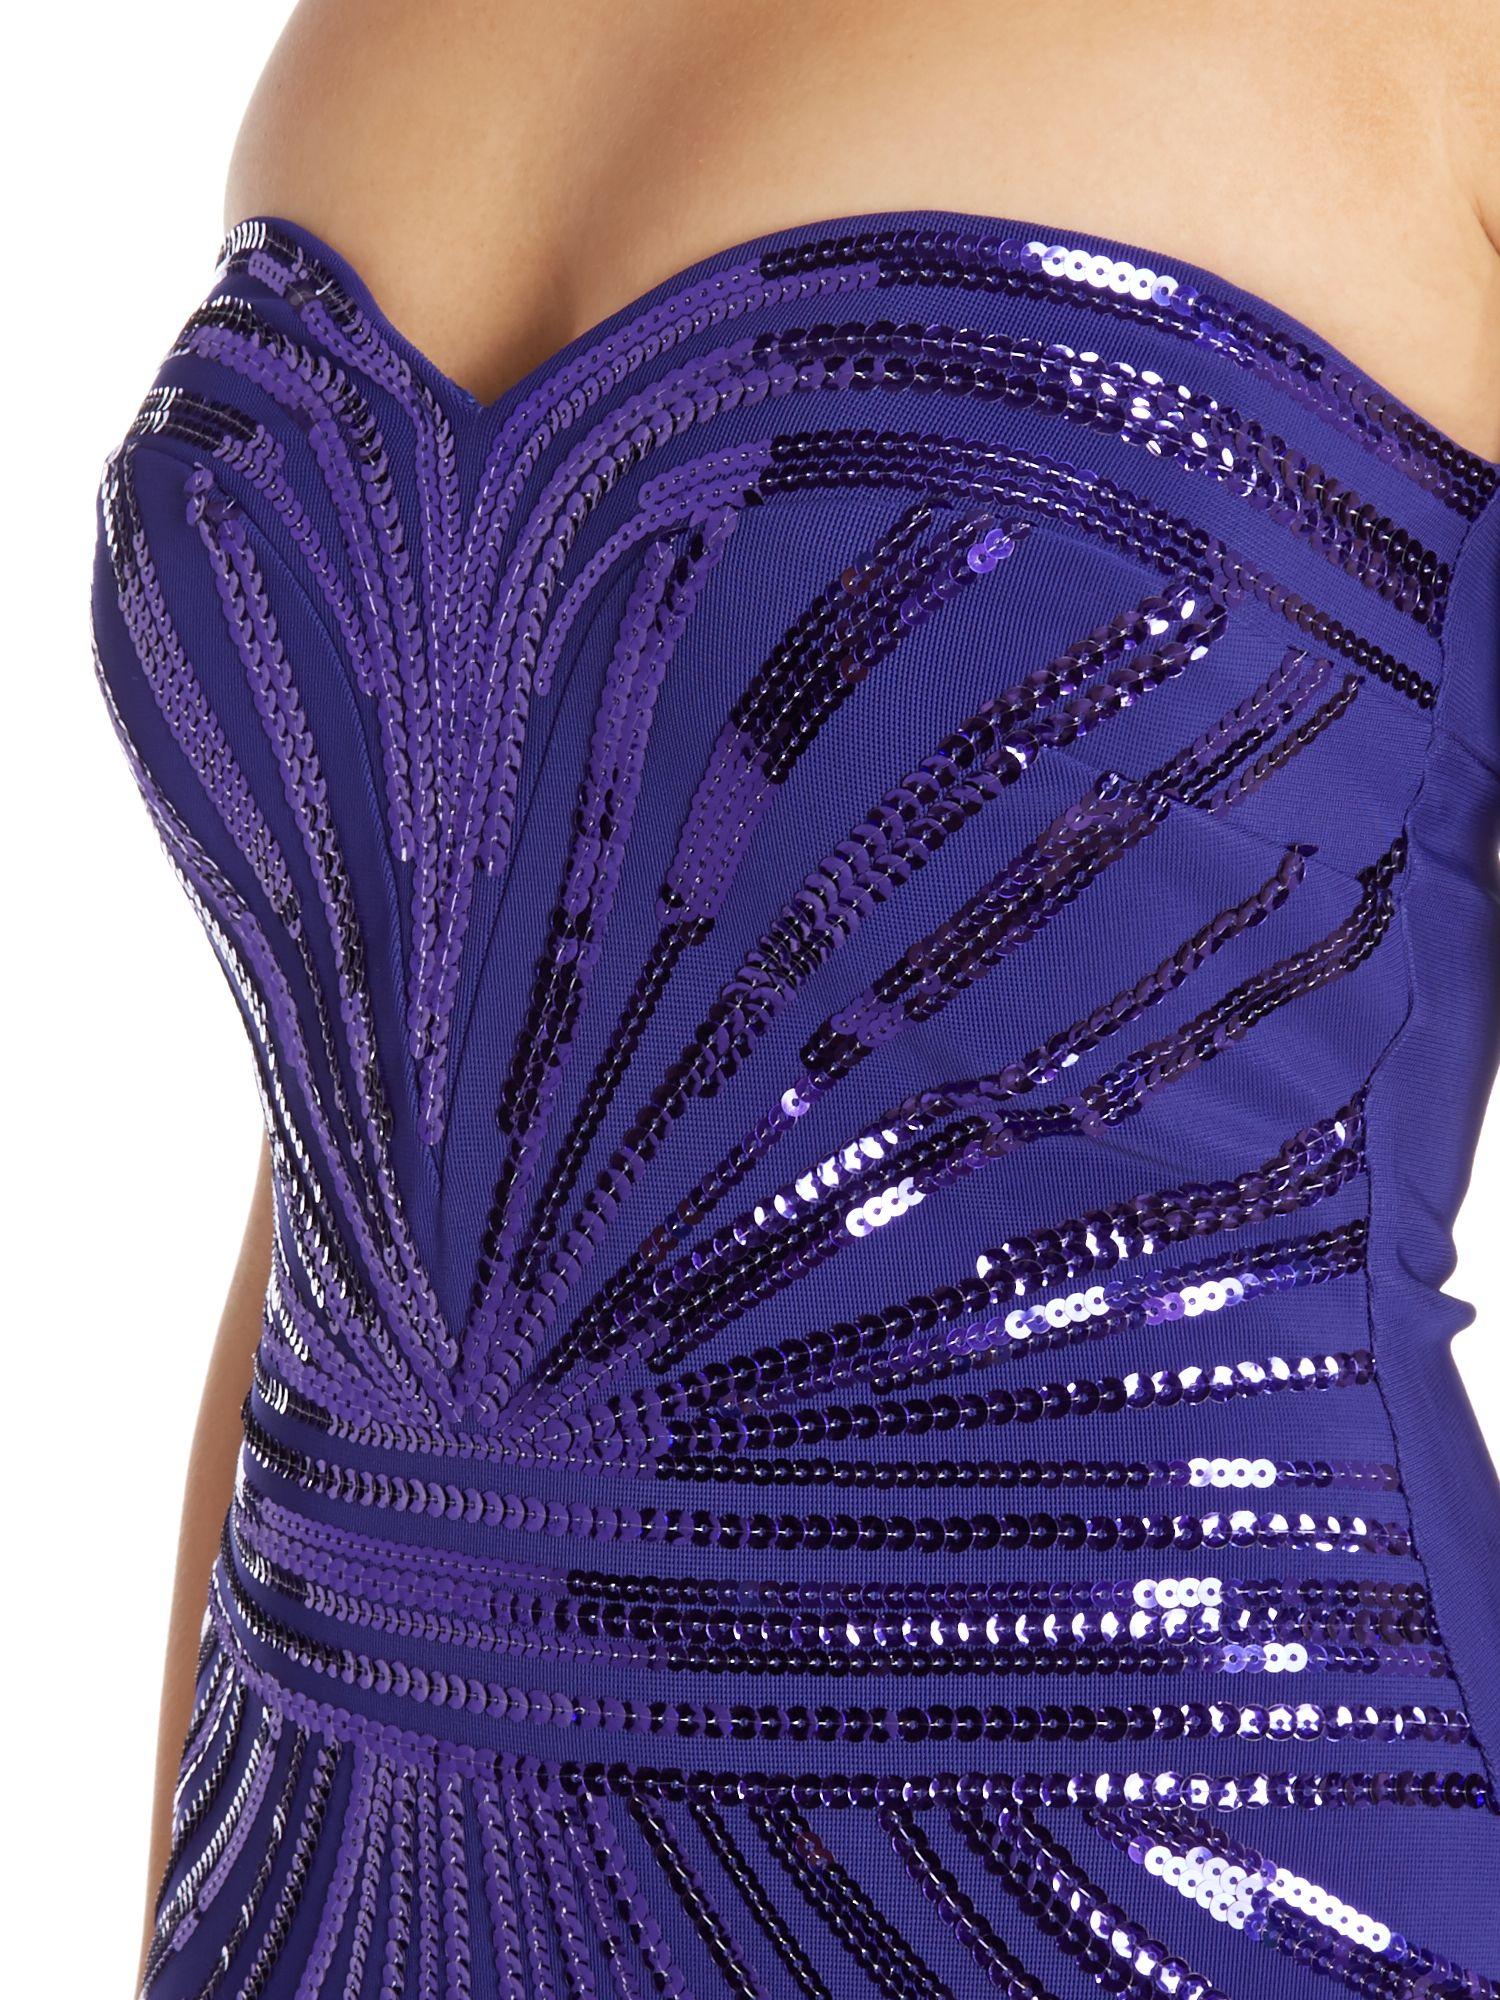 Lyst - Lipsy Sequin Top Chiffon Maxi Dress in Purple